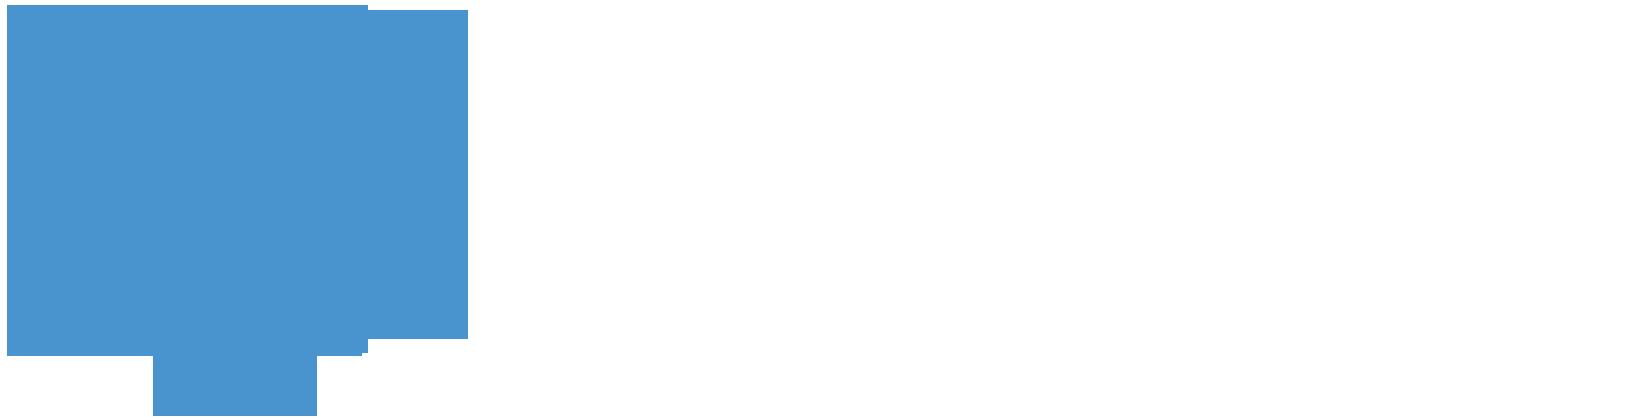 hjertebankenlogohd-undertekst-hvit